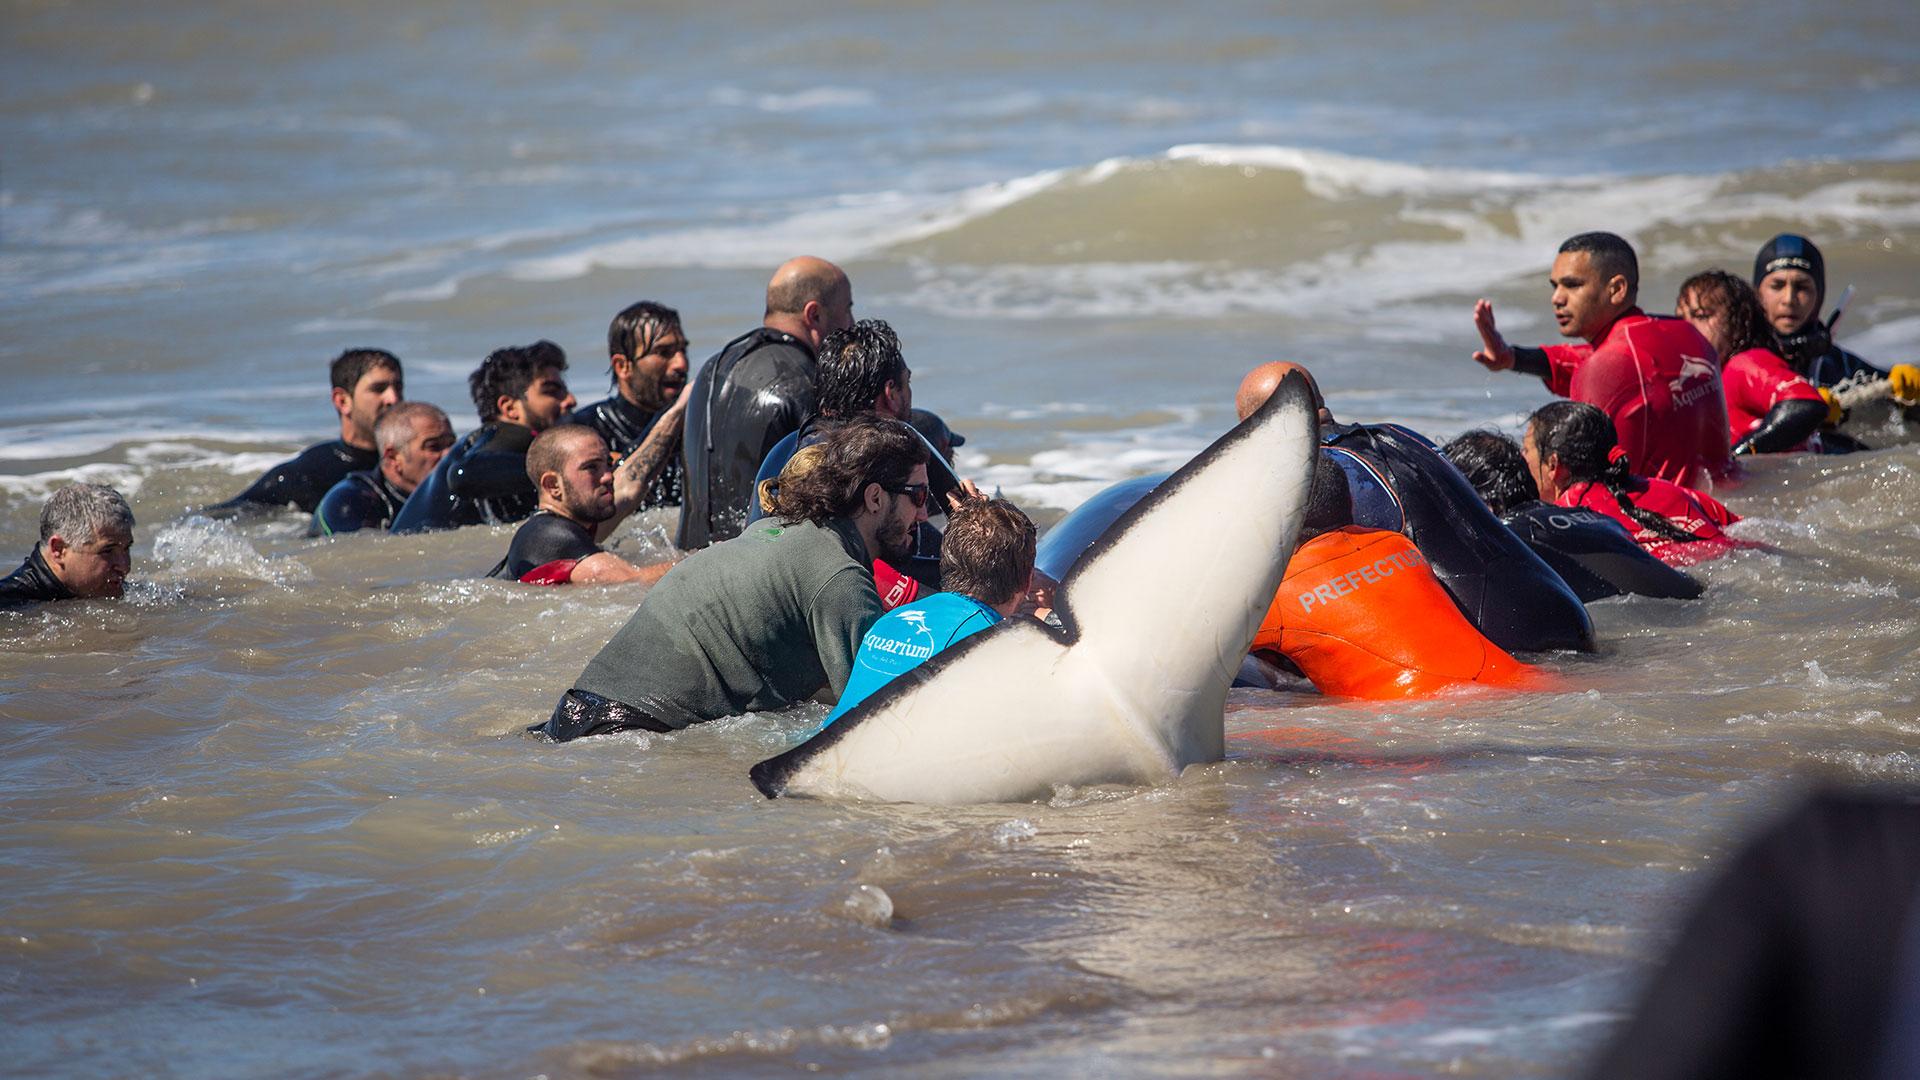 Contaron con la guía de expertos de la Fundación Aquarium de Mar del Plata, necesarios para establecer un protocolo de rescate